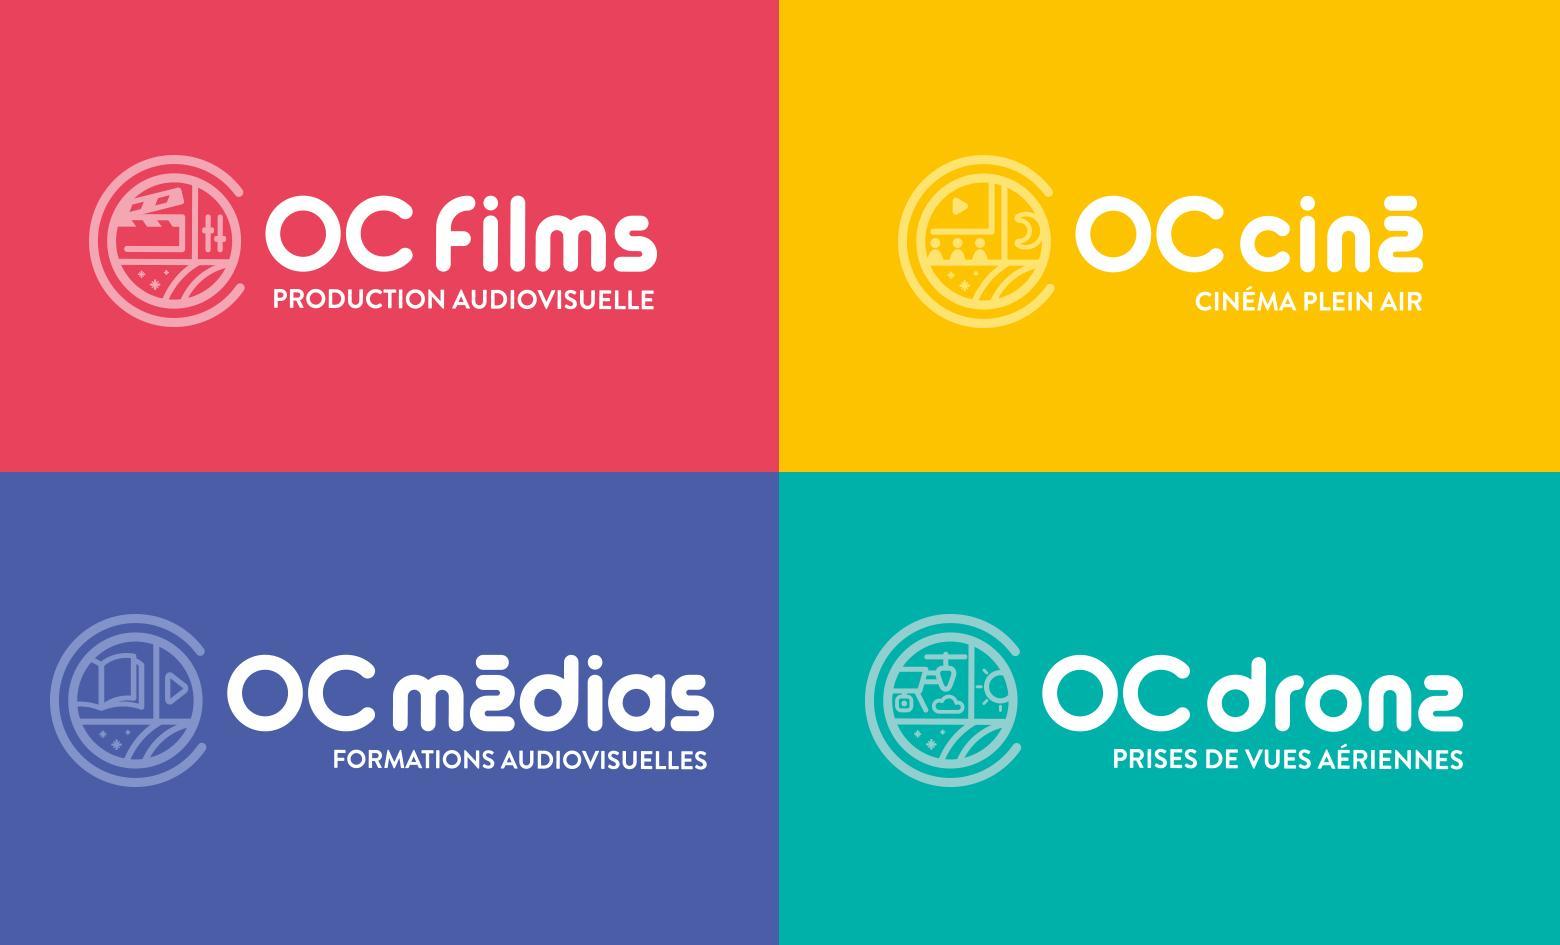 logos filiales OC films